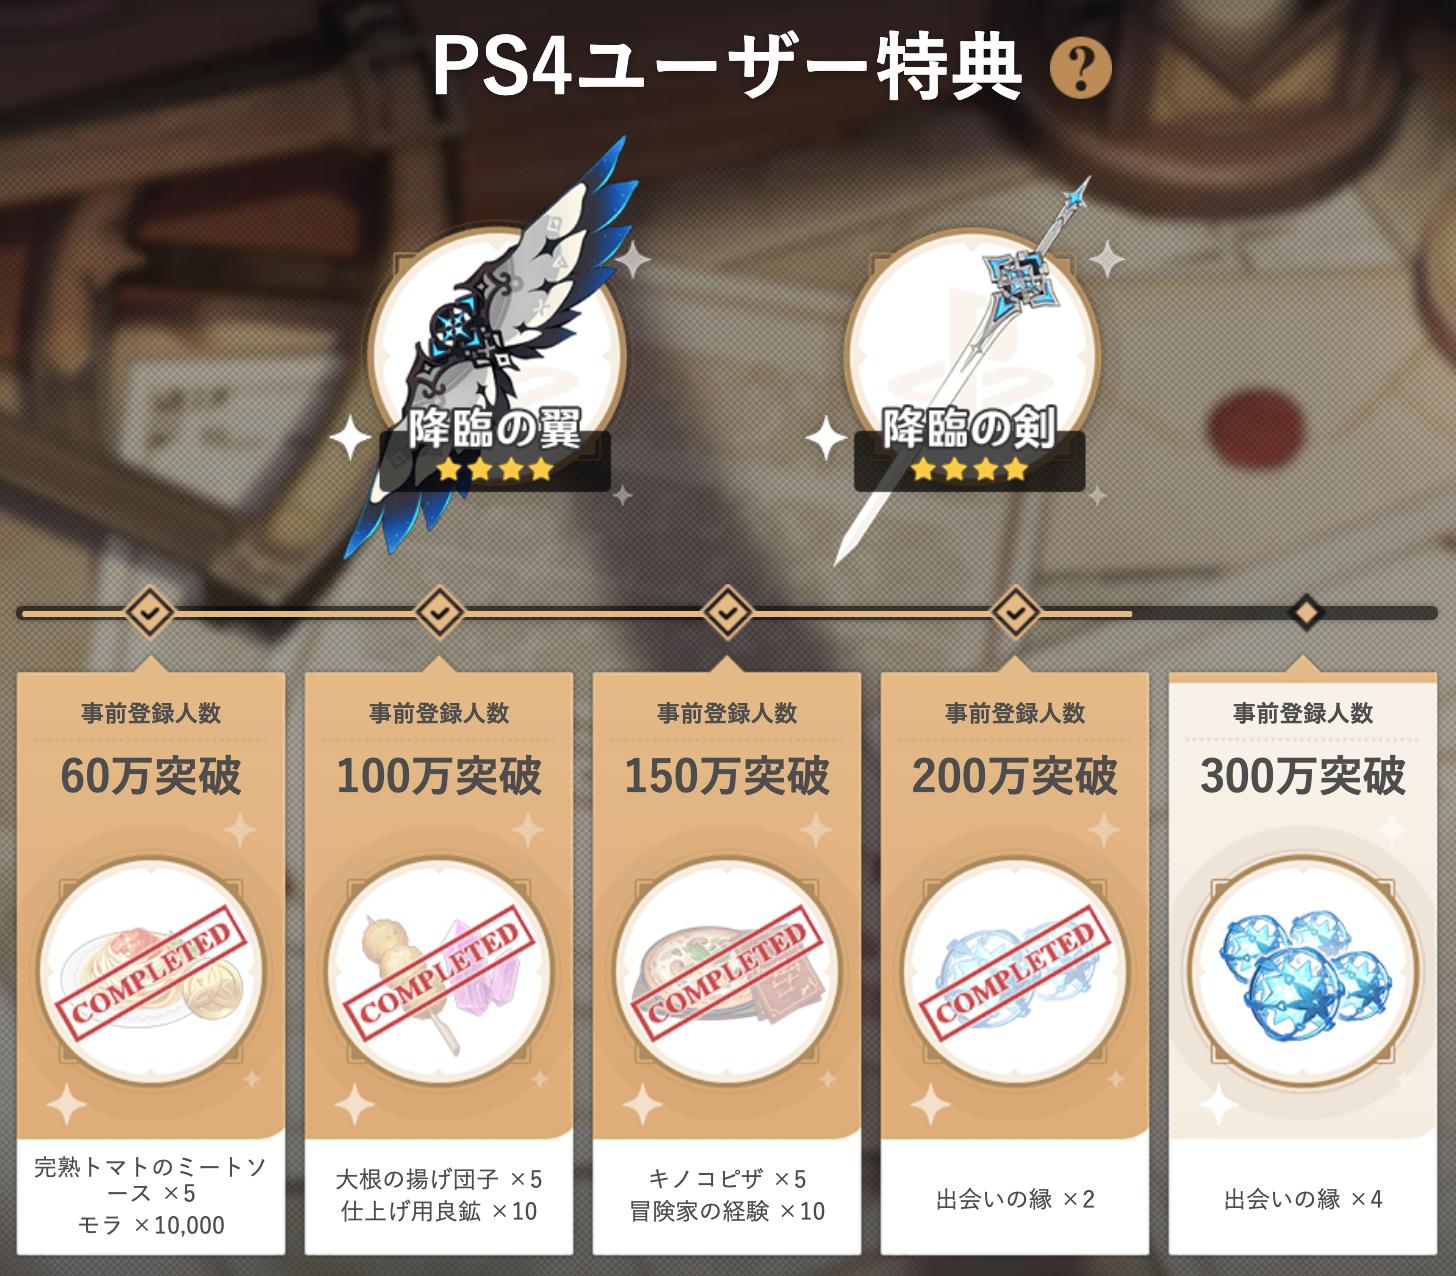 【原神】PS4版の事前登録特典